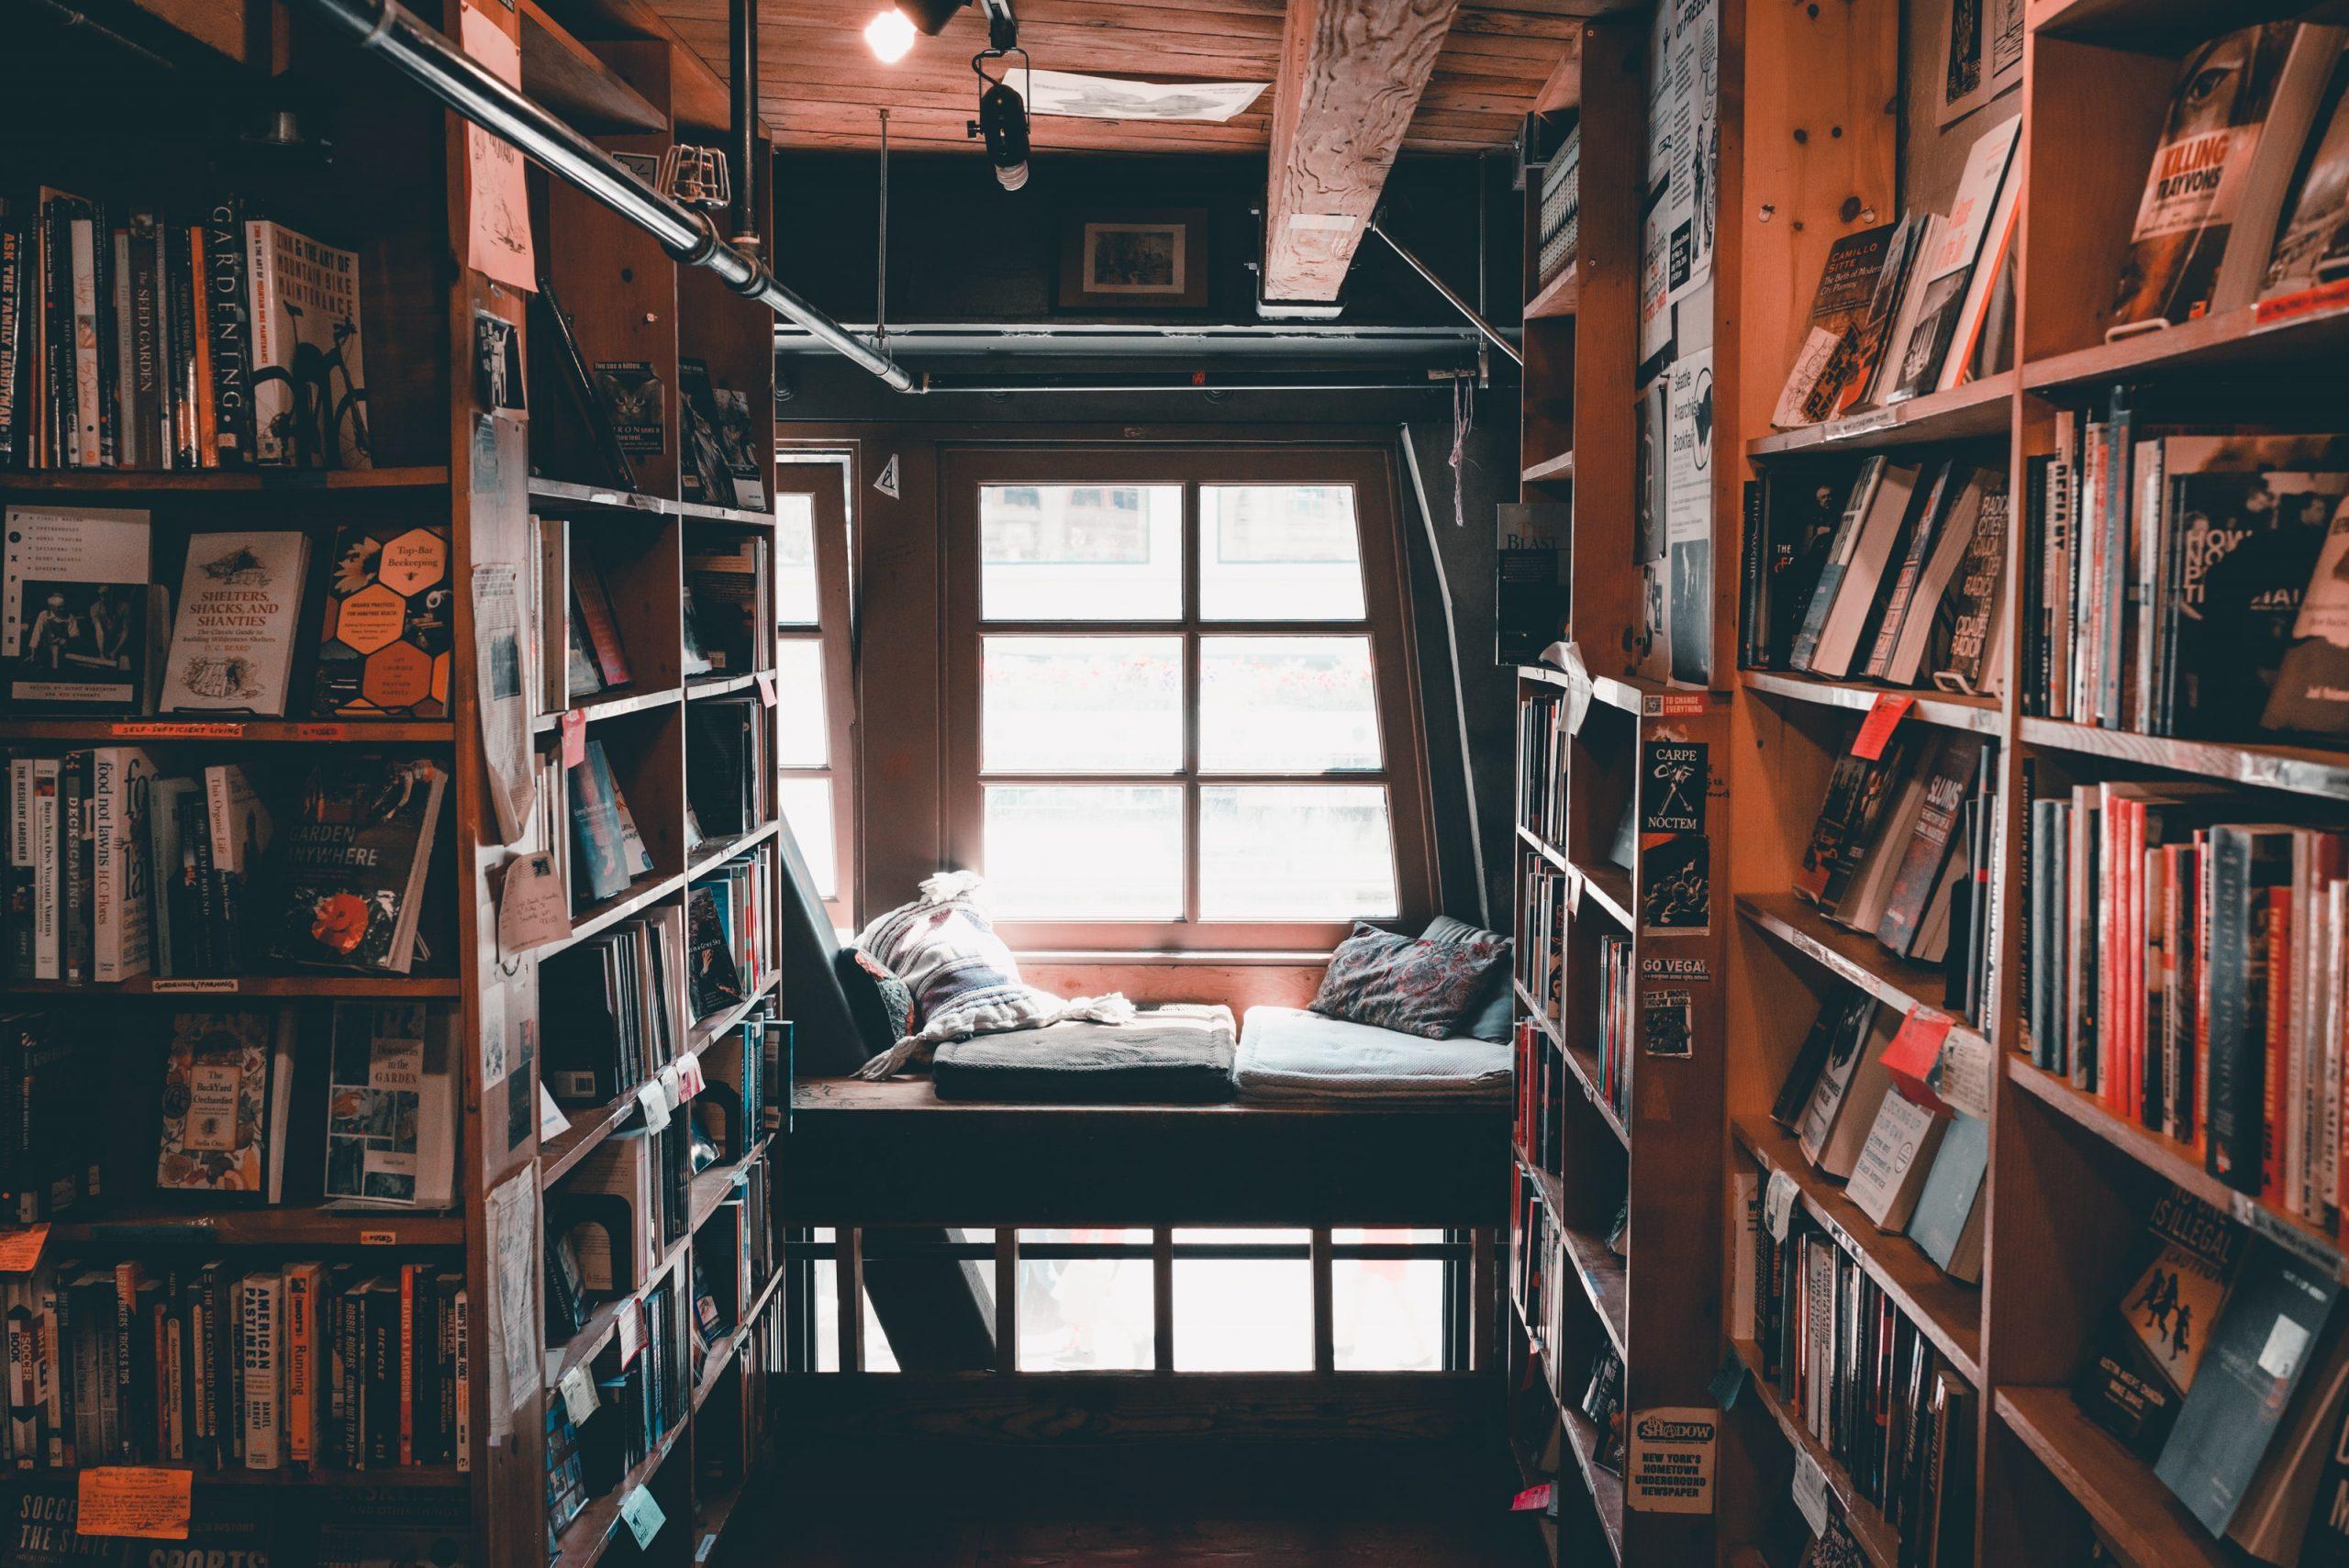 Kütüphaneleri Kişiselleştiriyoruz; Evde Kütüphane Dönemi